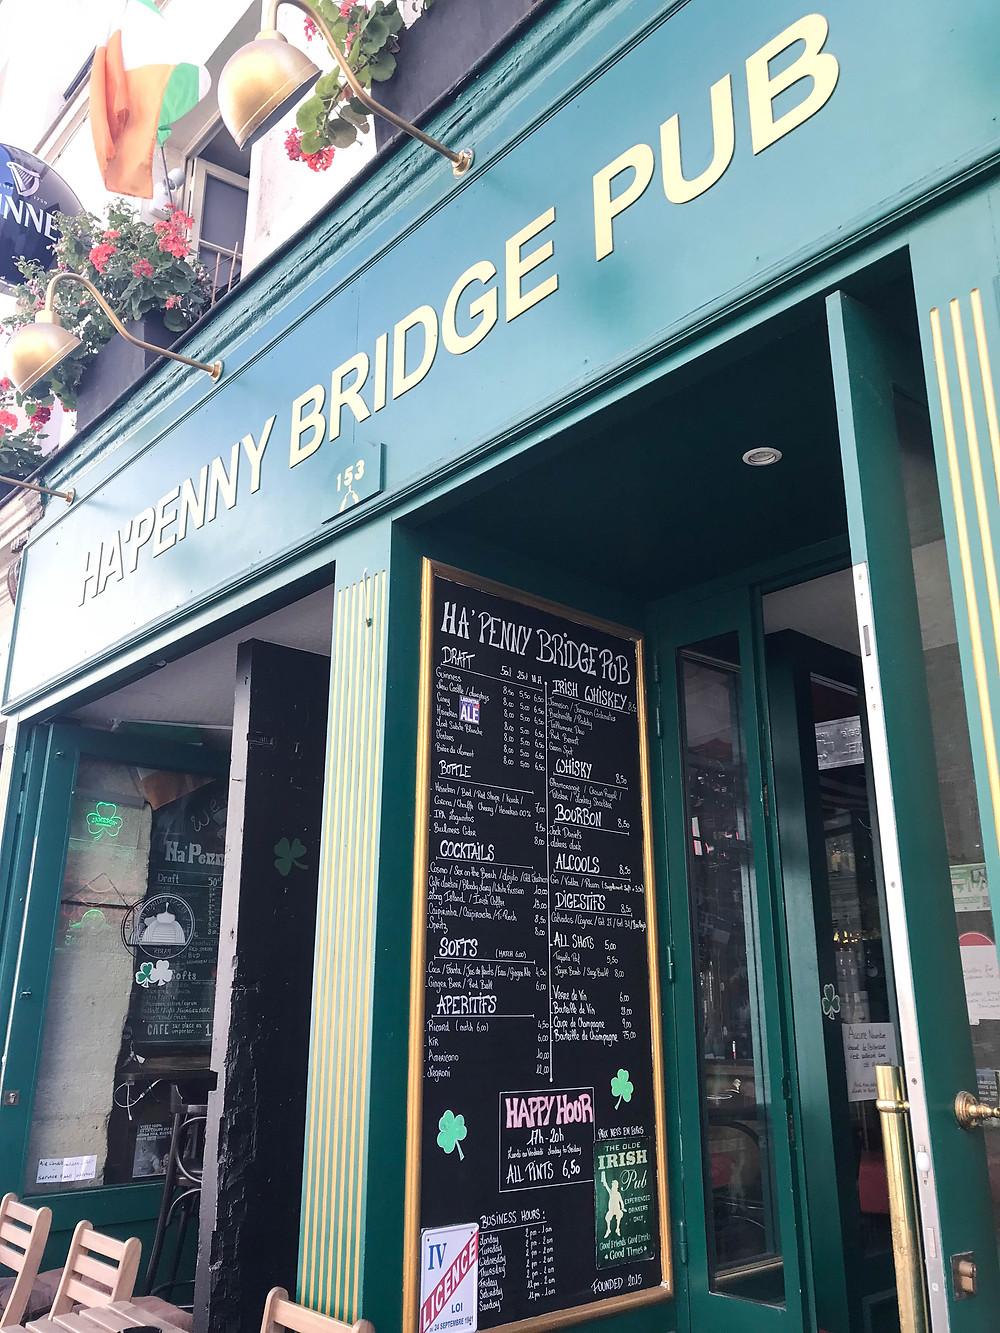 Ha Penny Bridge Pub, Paris, France